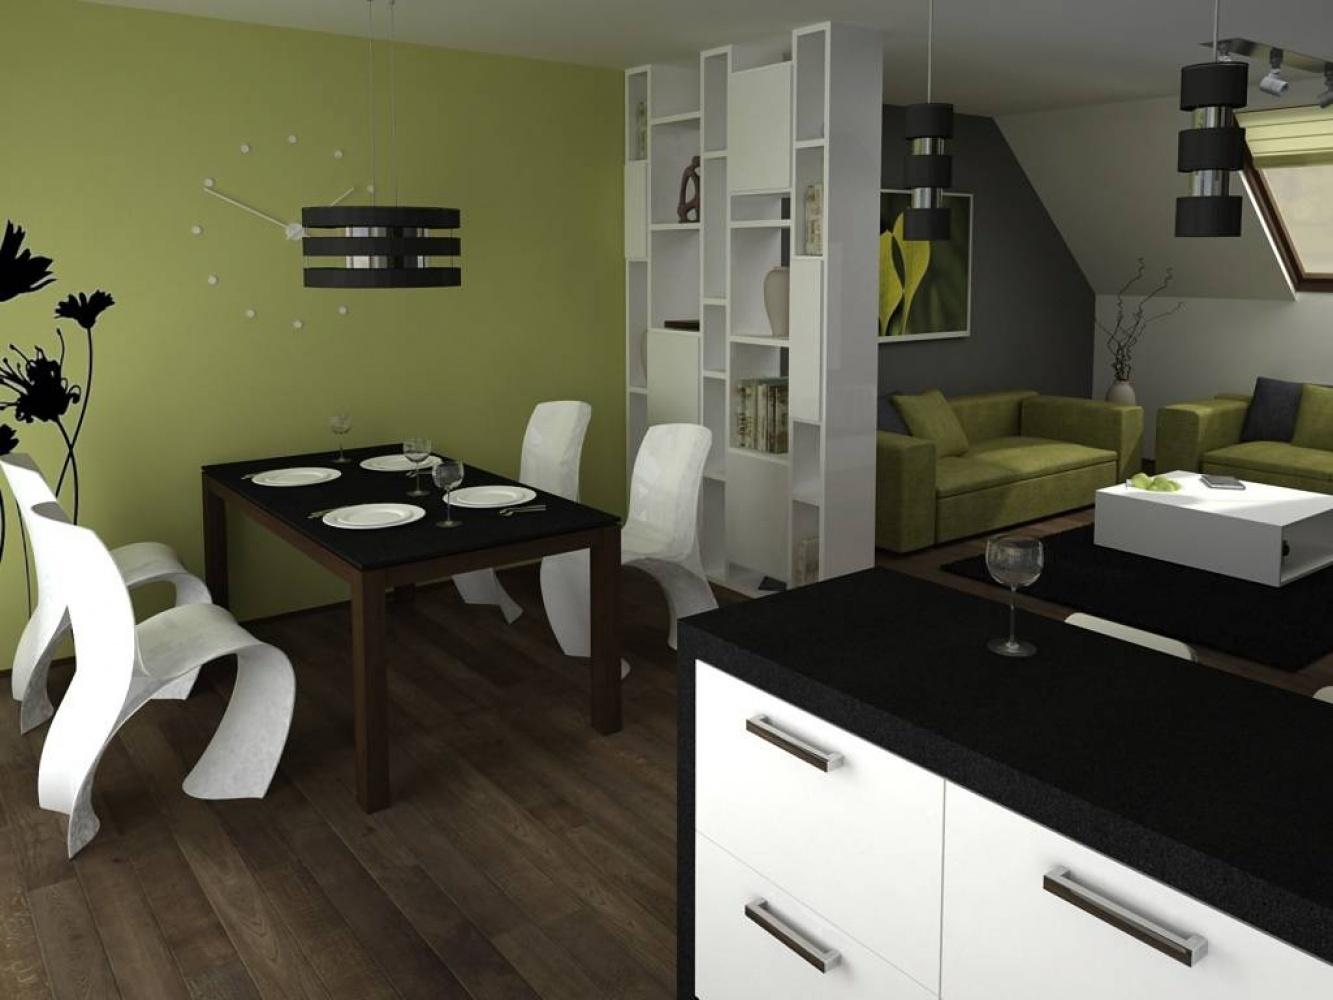 Půdní byt 3+kk, plocha 113 m², ulice Šmilovského, Praha 2 - Vinohrady | 2